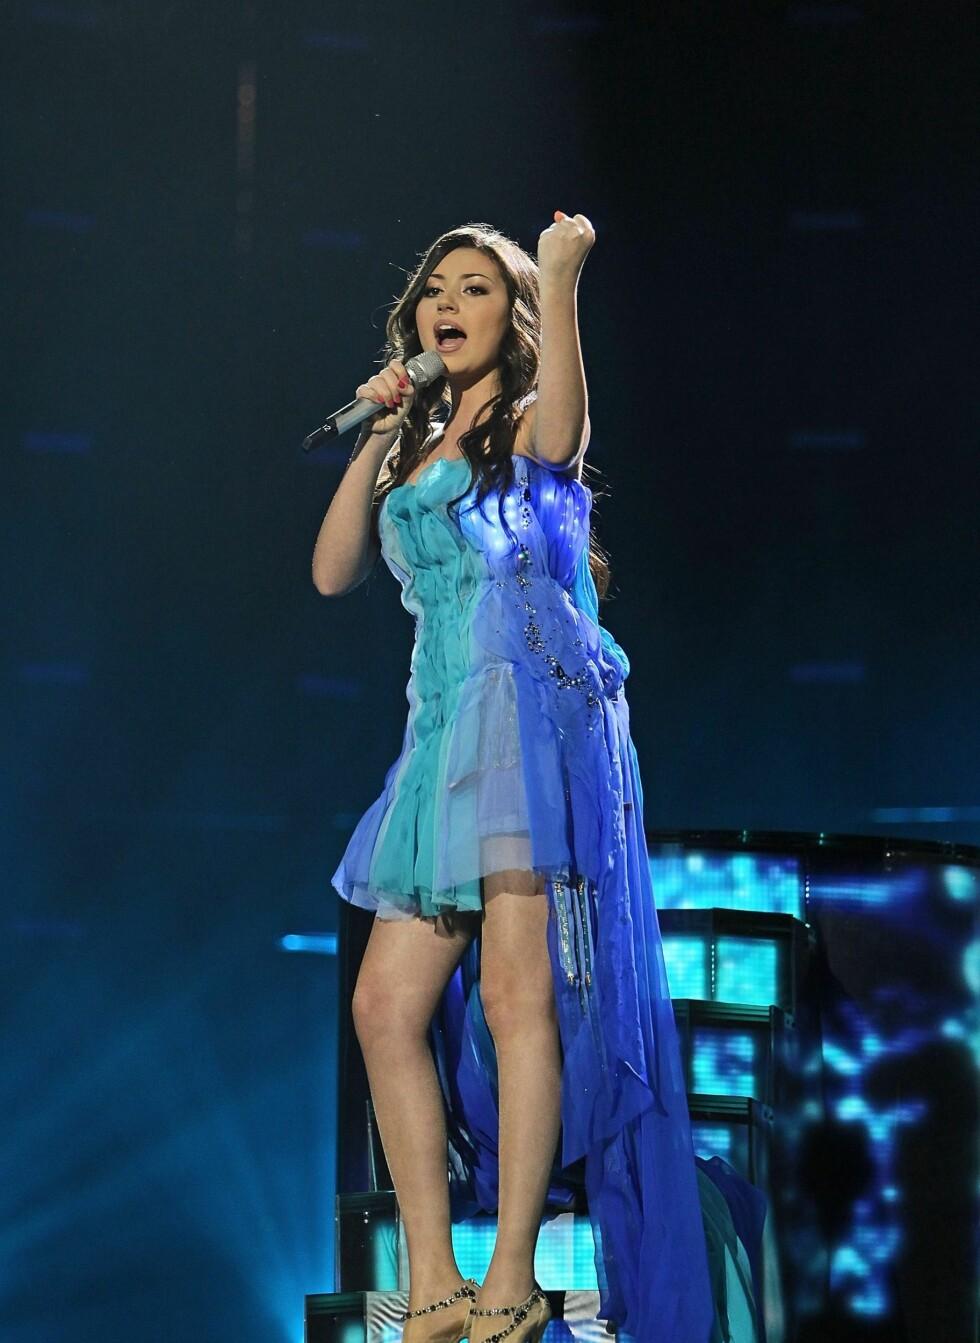 Under Eurovision Song Contest i Oslo var det flere av deltakerne som hadde denne typen kjoler. Safura fra Azerbaijan valgte seg en chiffonkjole i blånyanser. Den hadde også egne lamper som lyste opp kjolen. Foto: All Over Press